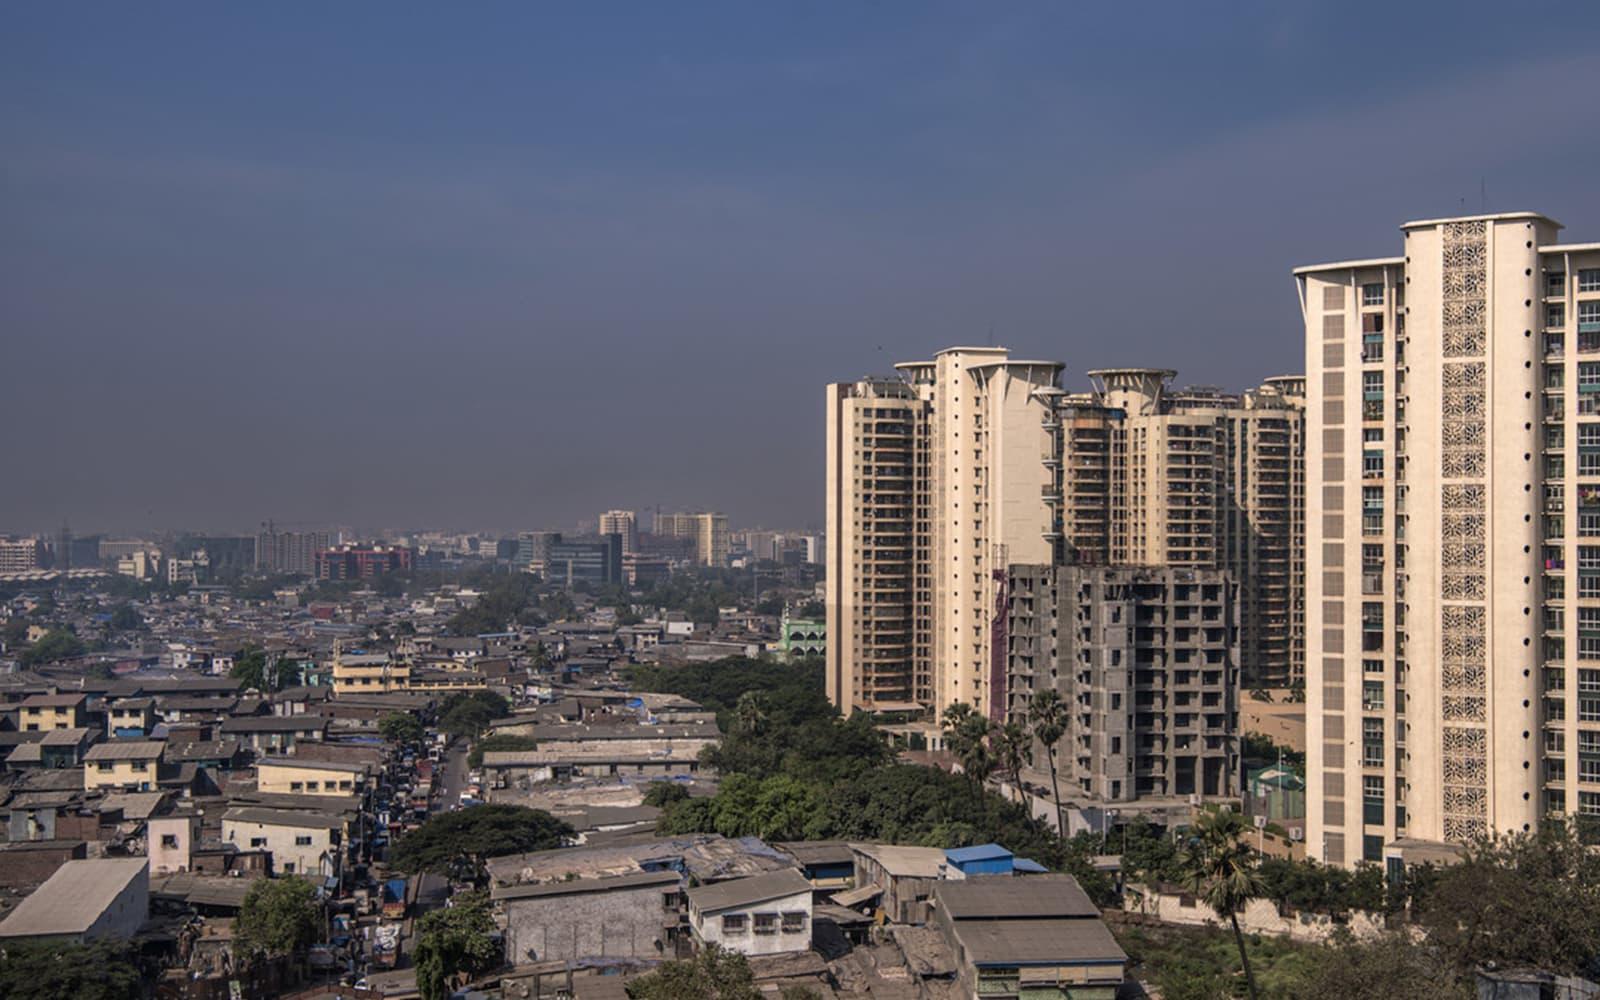 Une photo montrant des tours d'habitation luxueuses bordant un bidonville